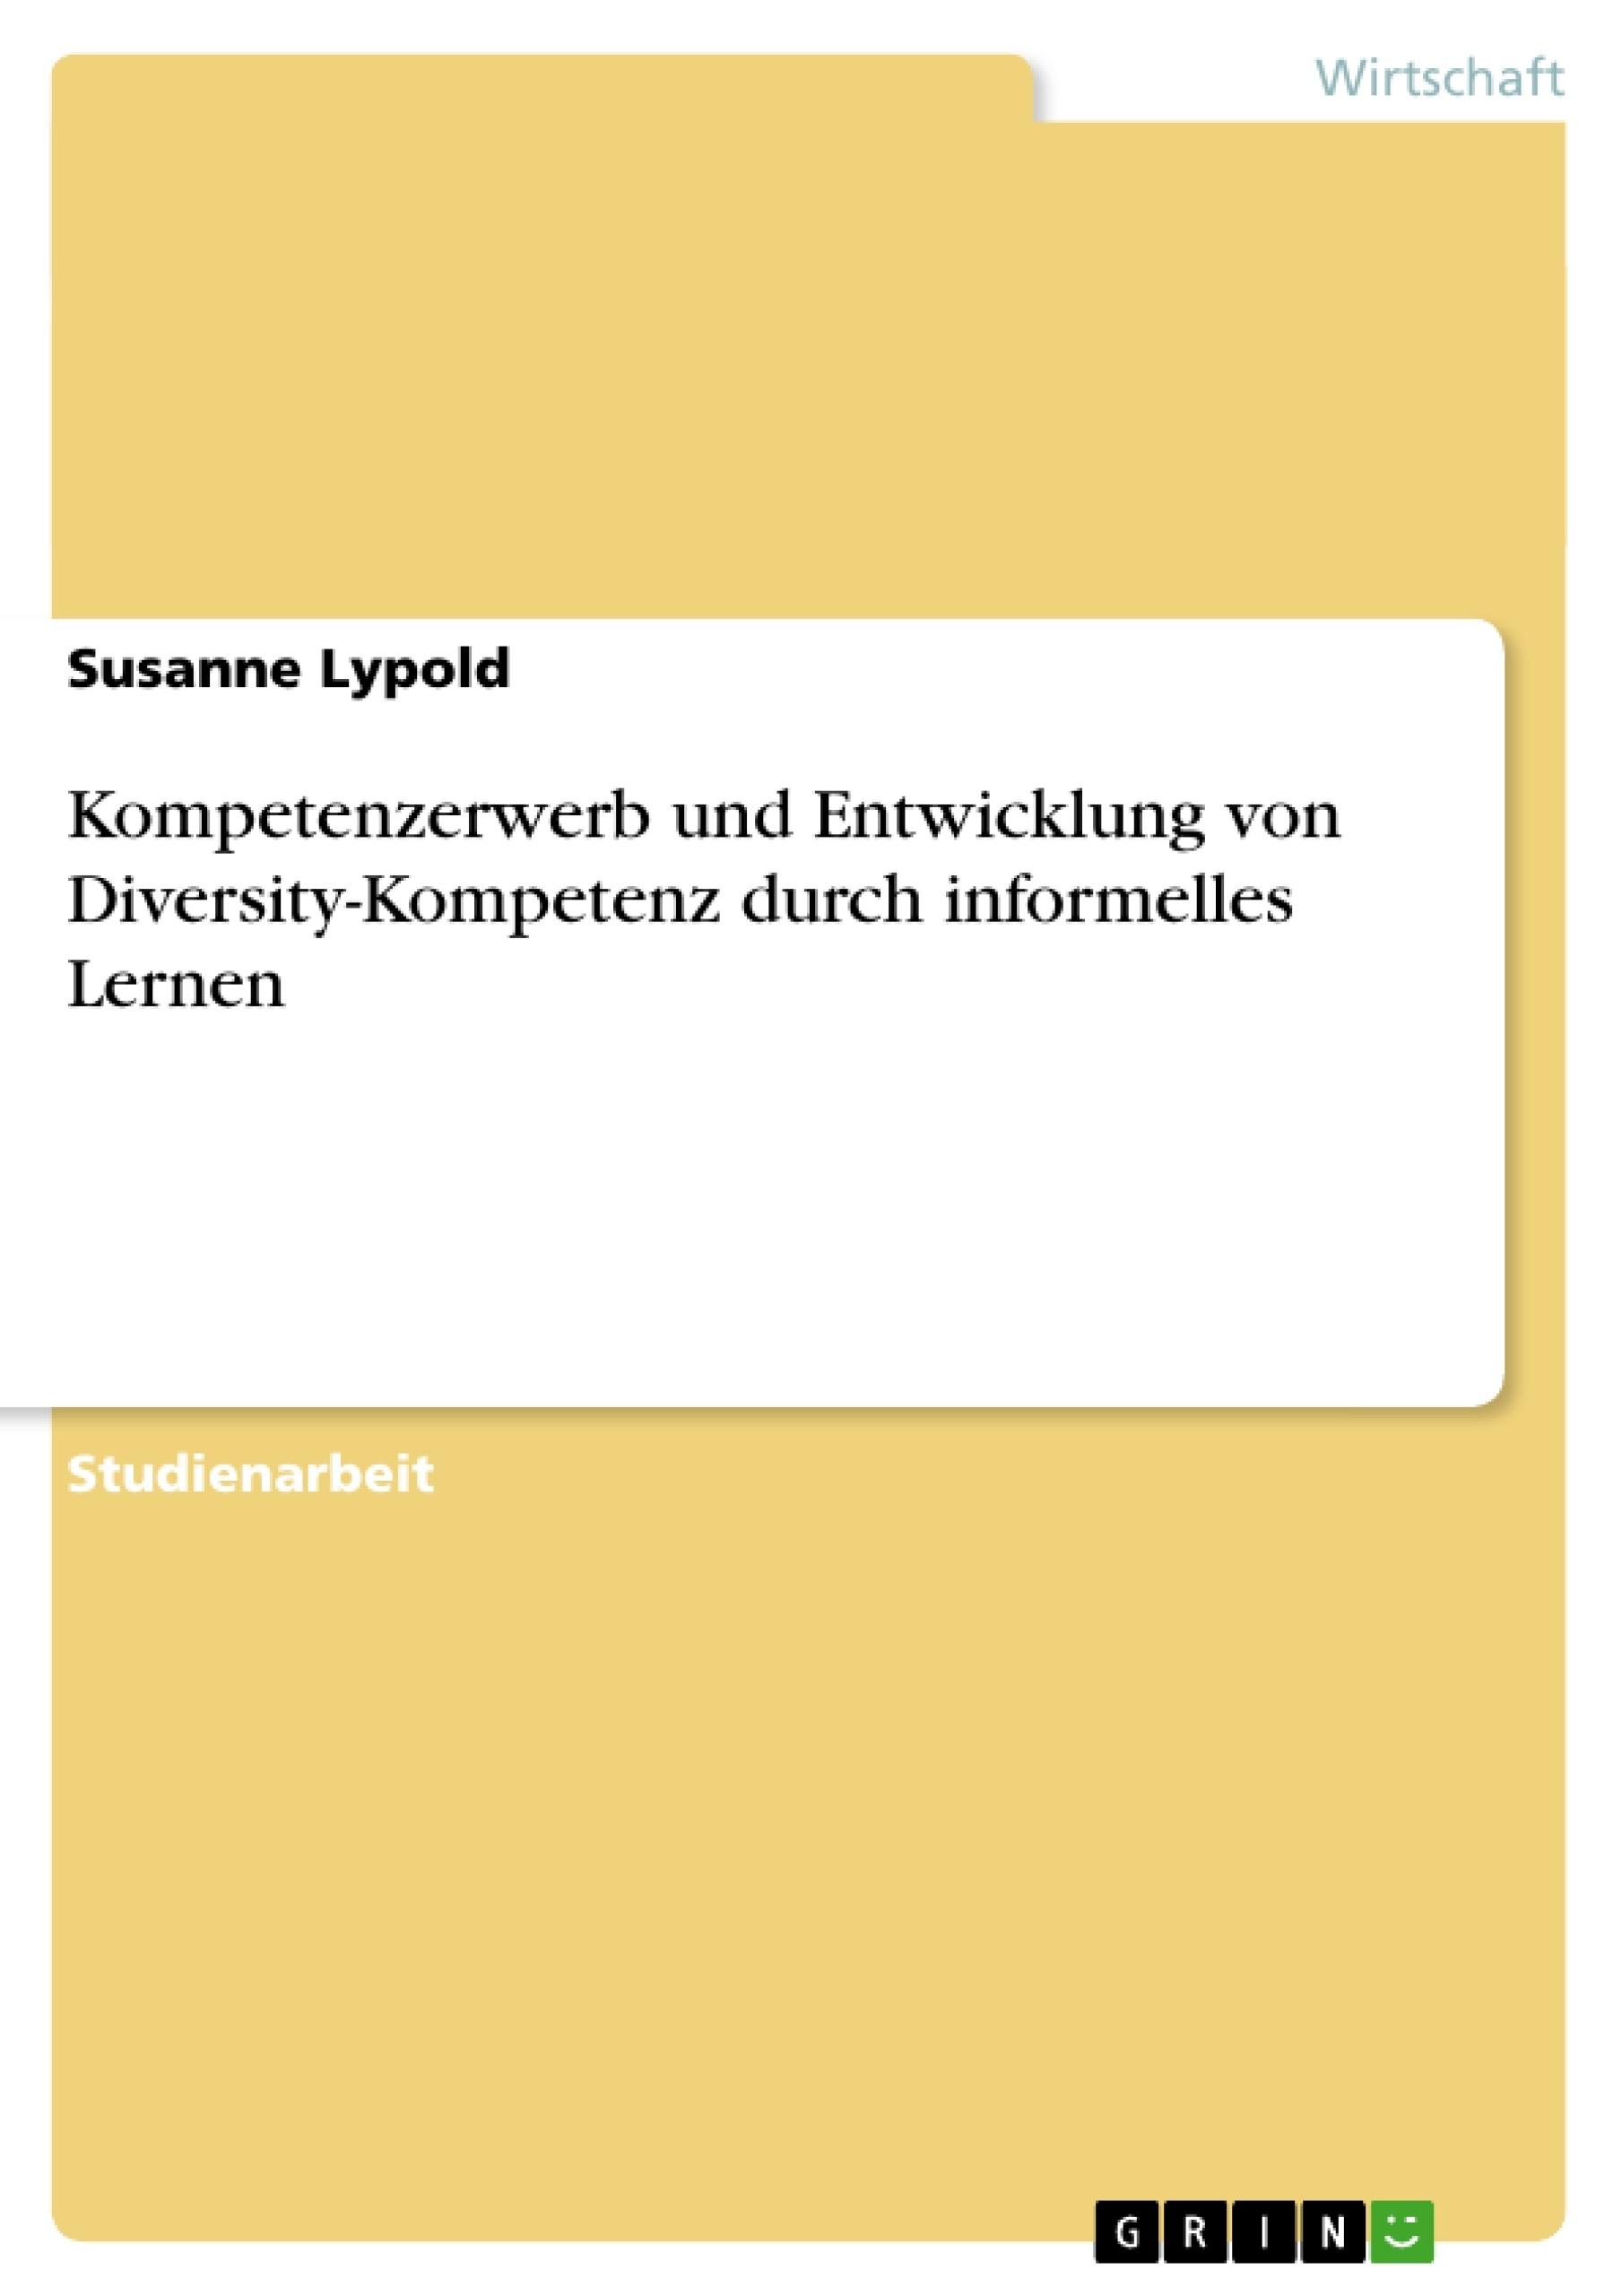 Titel: Kompetenzerwerb und Entwicklung von Diversity-Kompetenz durch informelles Lernen